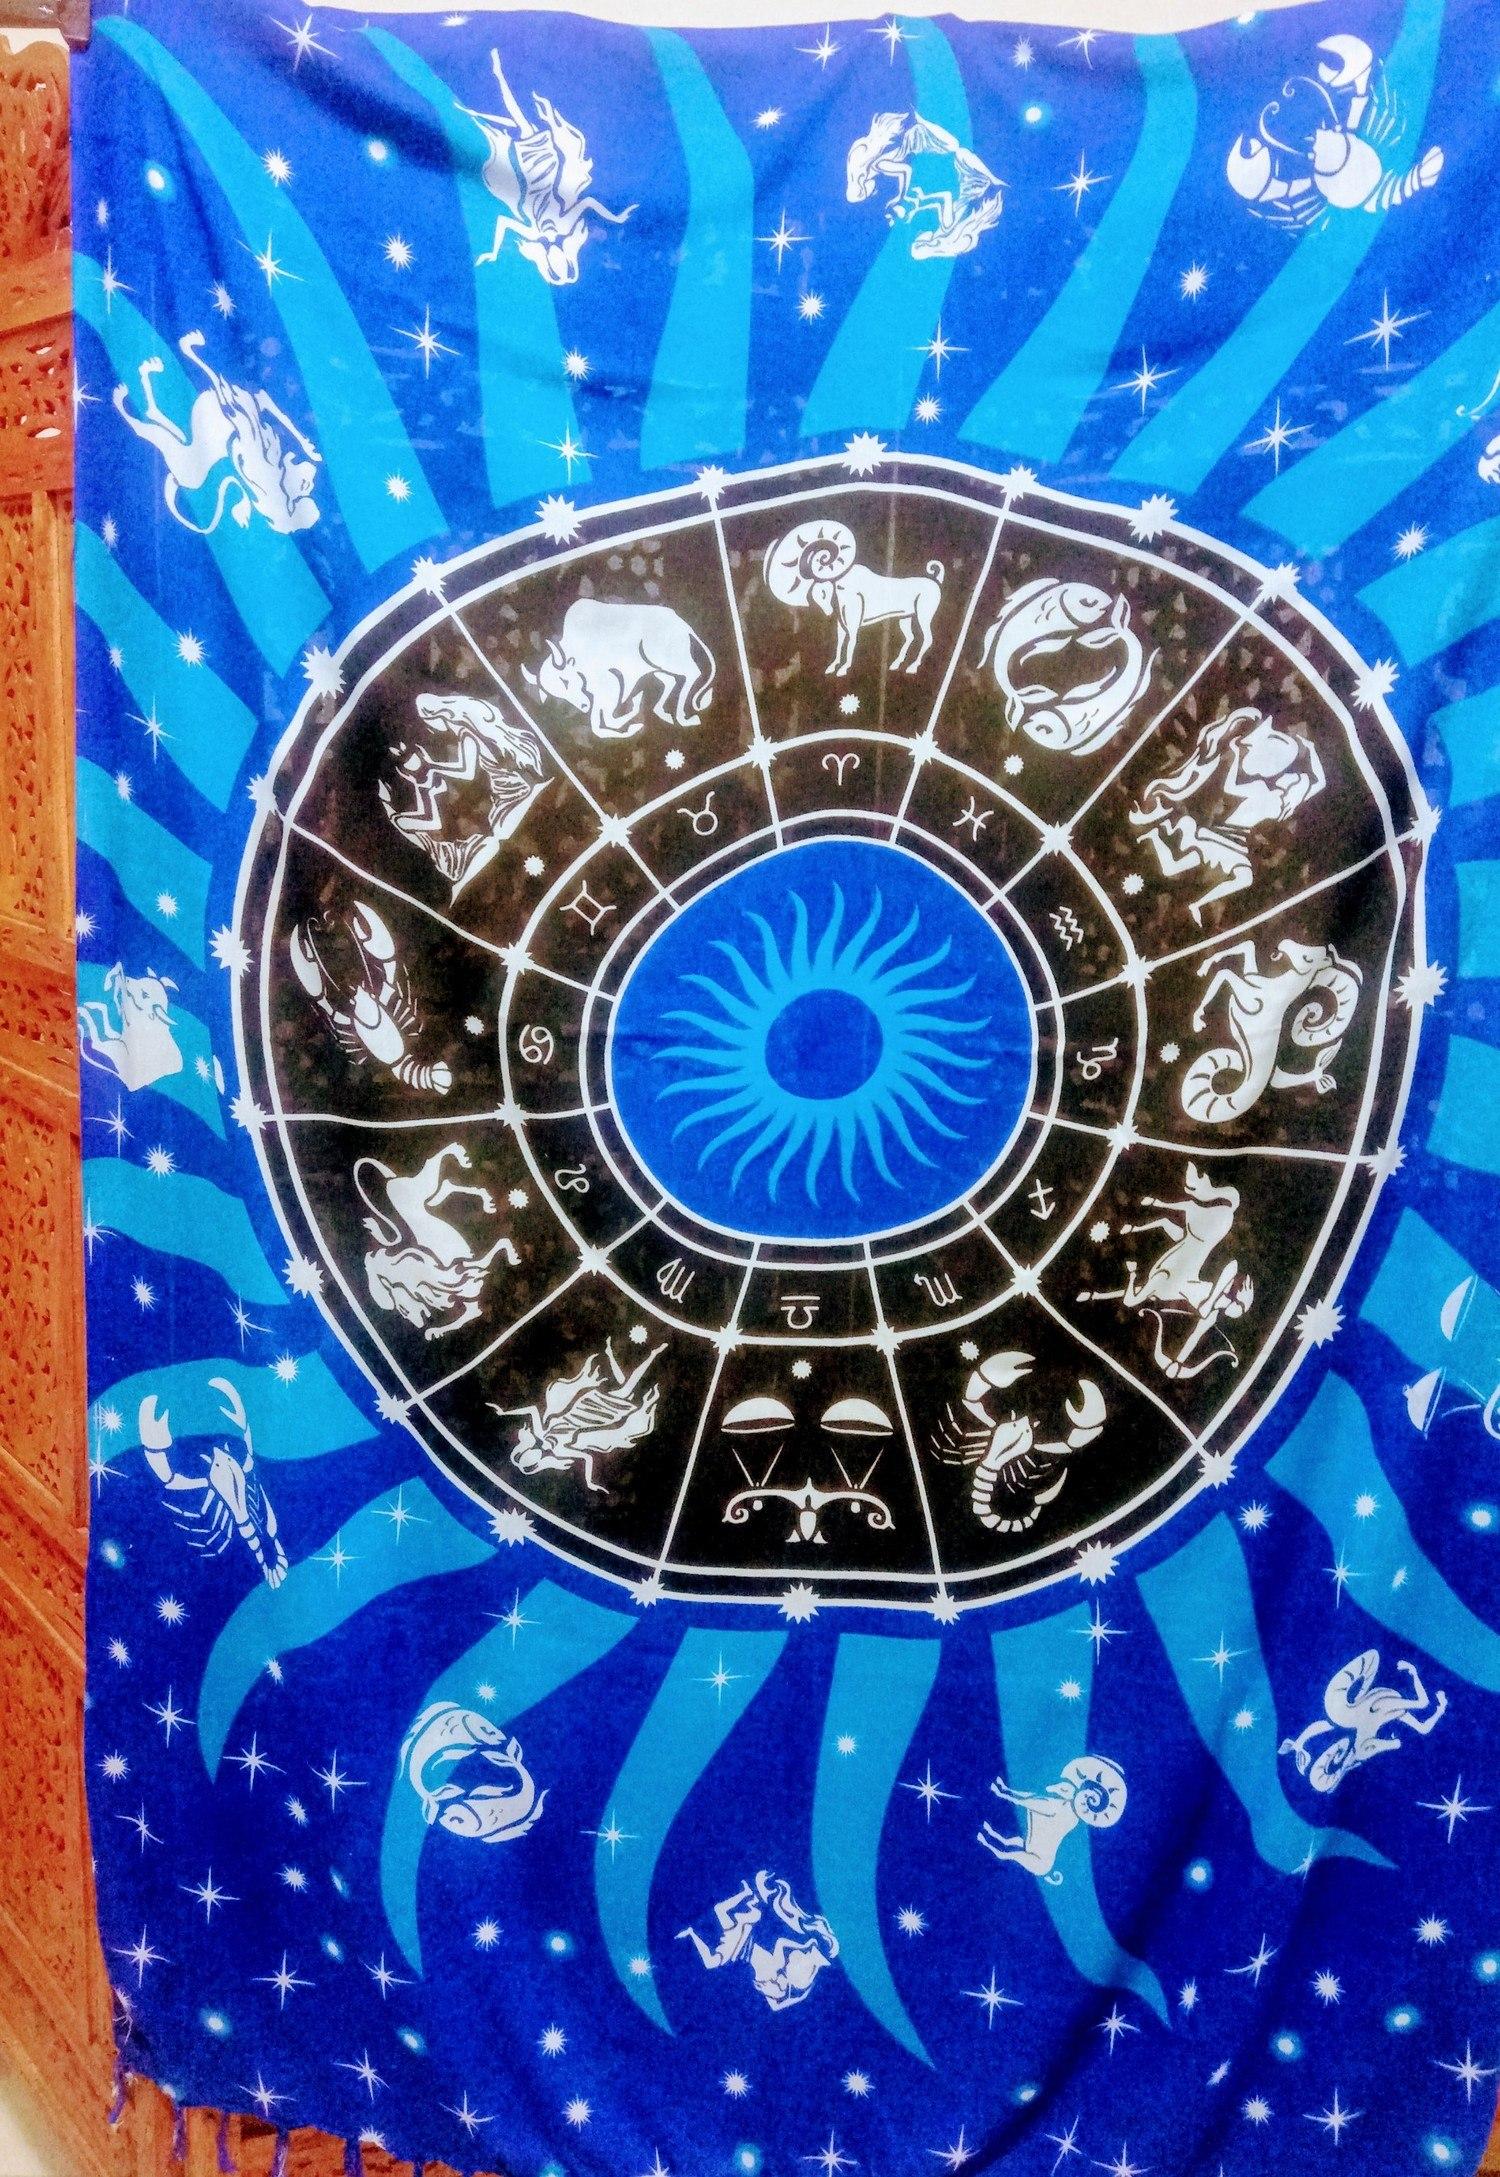 Canga estampa Zodíaco importada da Indonésia